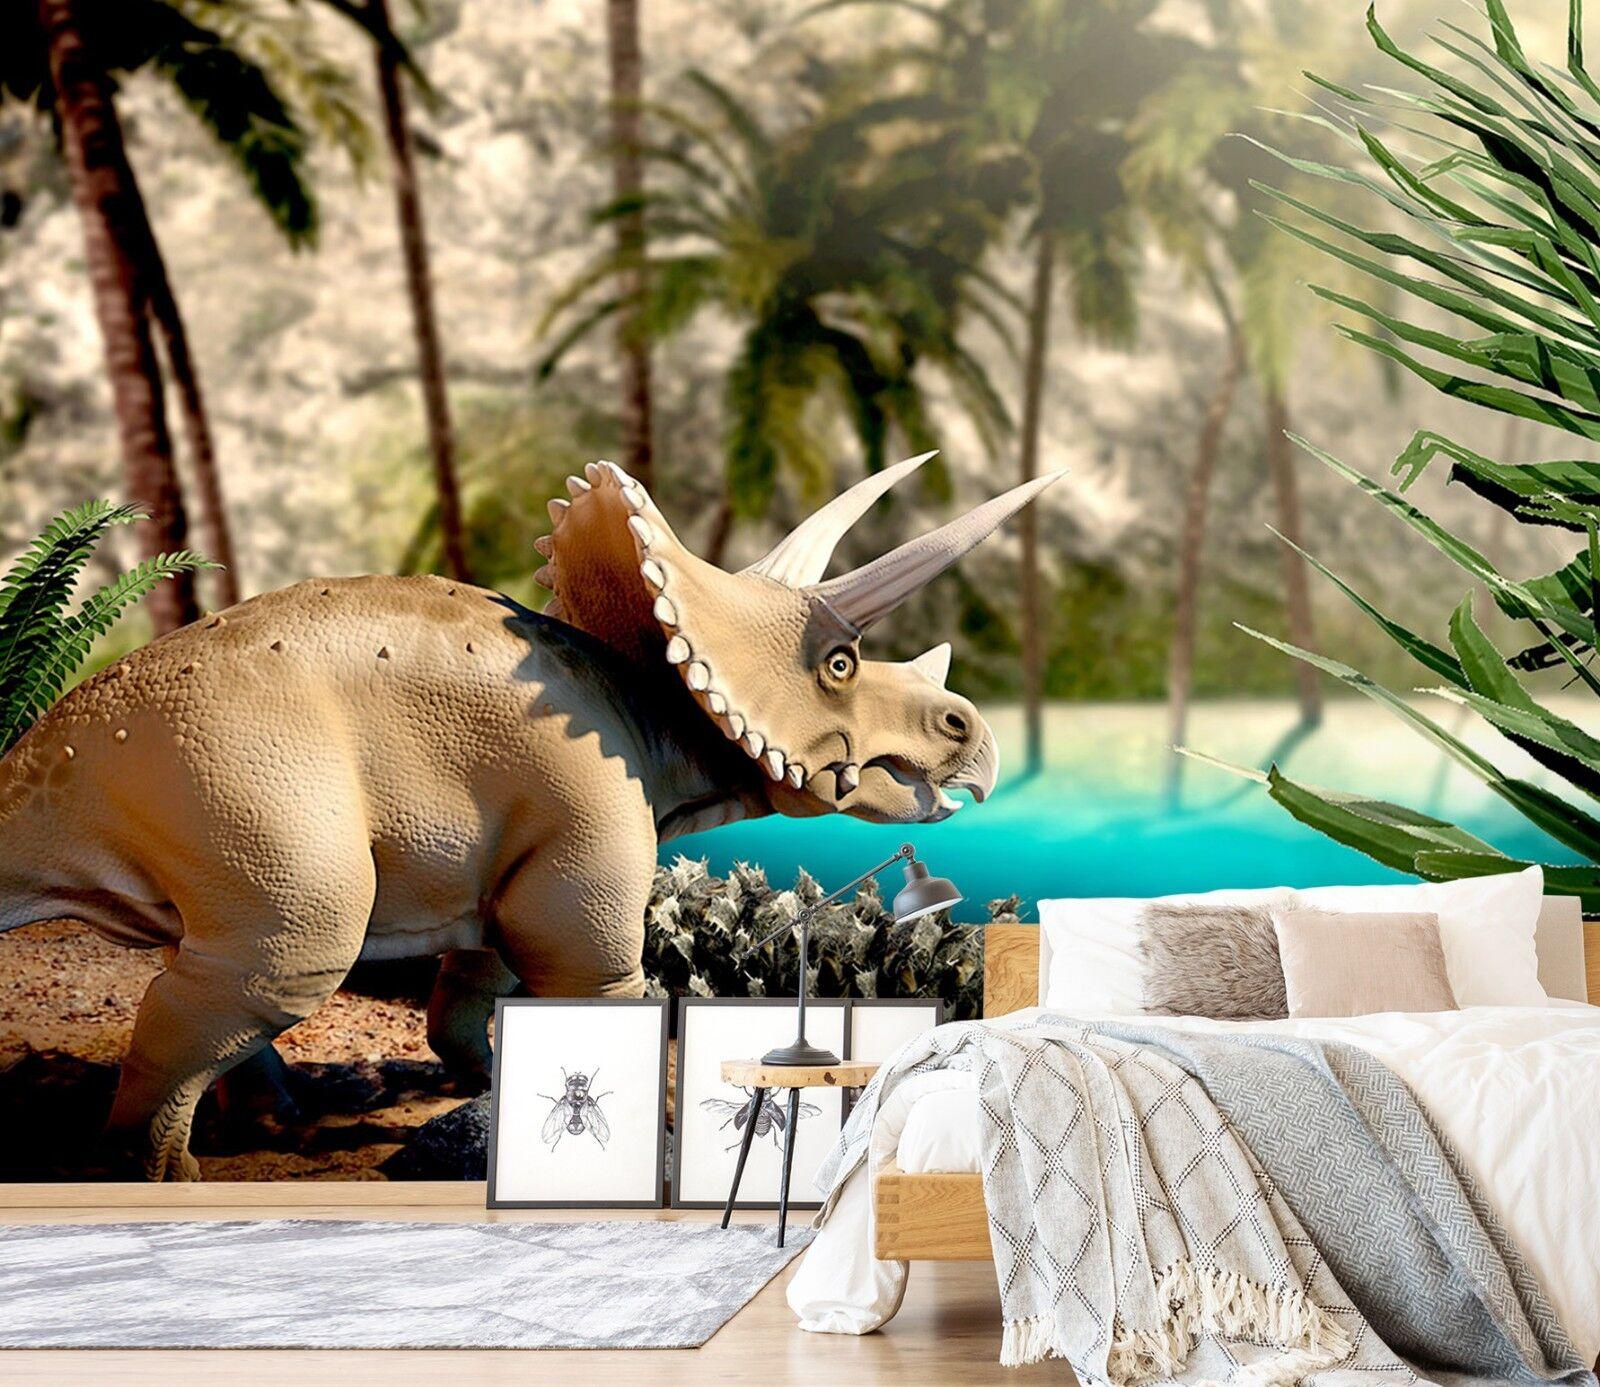 3D Dense Rainforest Dinosaur  3 Wallpaper Mural Wall Print Decal Indoor Mural AU